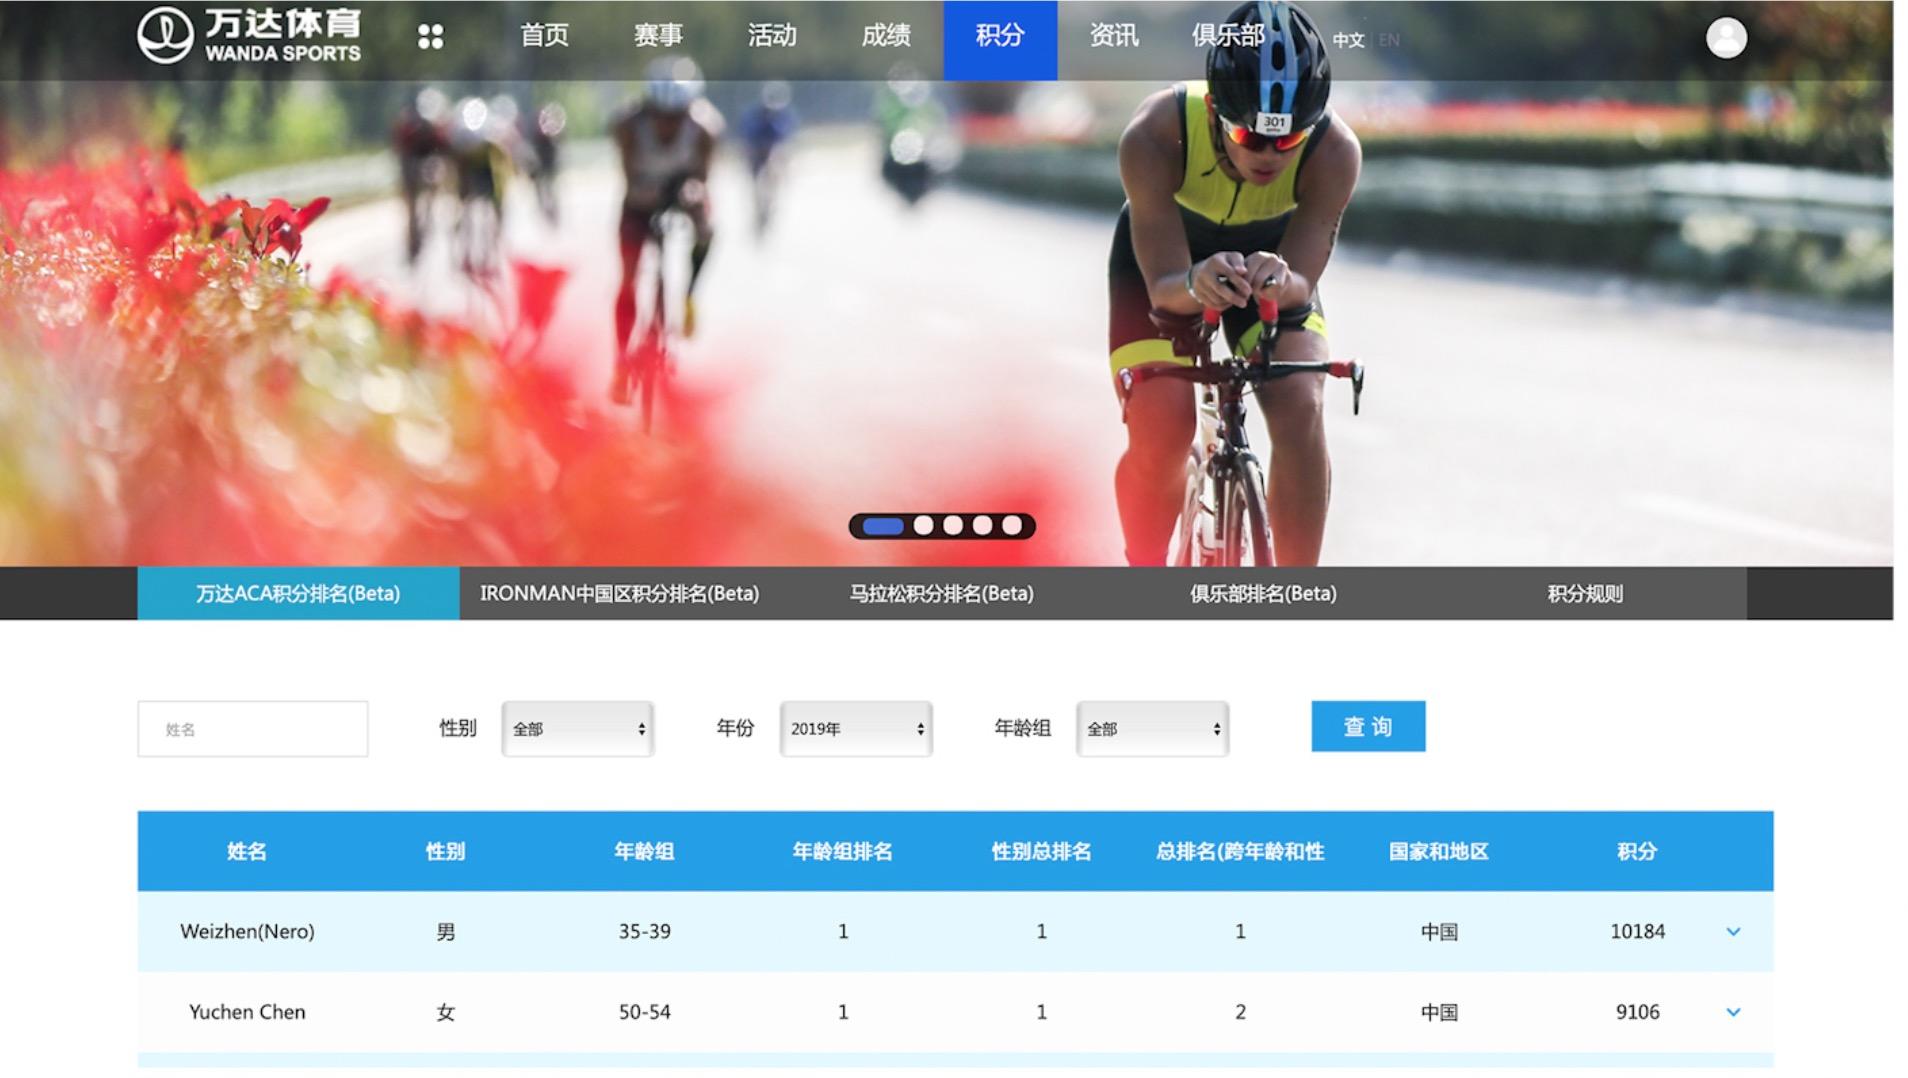 万达体育发布中国首个耐力运动多项目统一积分平台